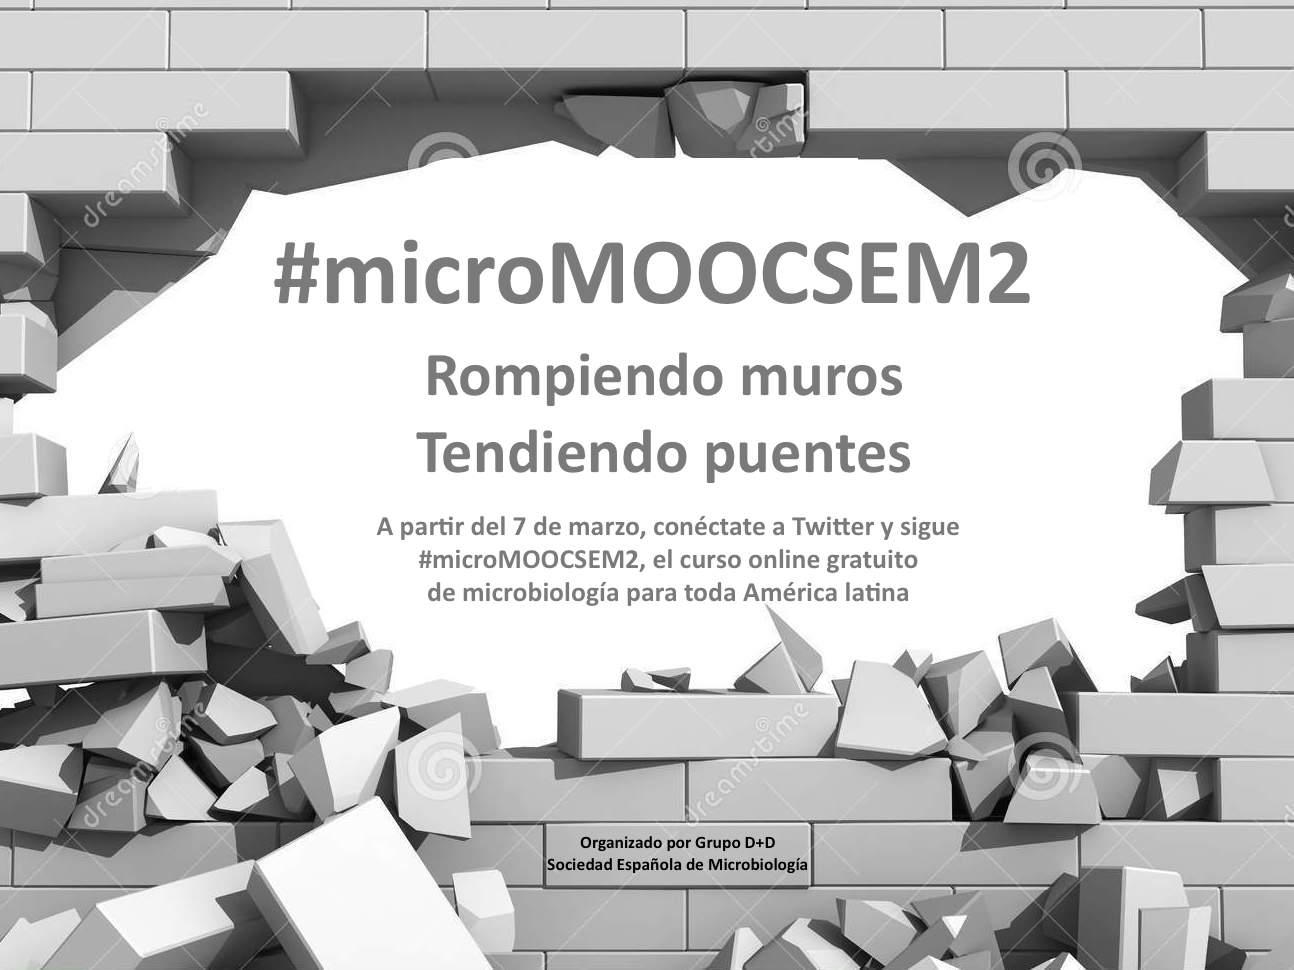 ¡Saludos desde México! #microMOOCSEM2 Recuerda un tuit por minuto durante unos 40 minutos. ¡RT, Like & comparte! https://t.co/83beUm8y6x